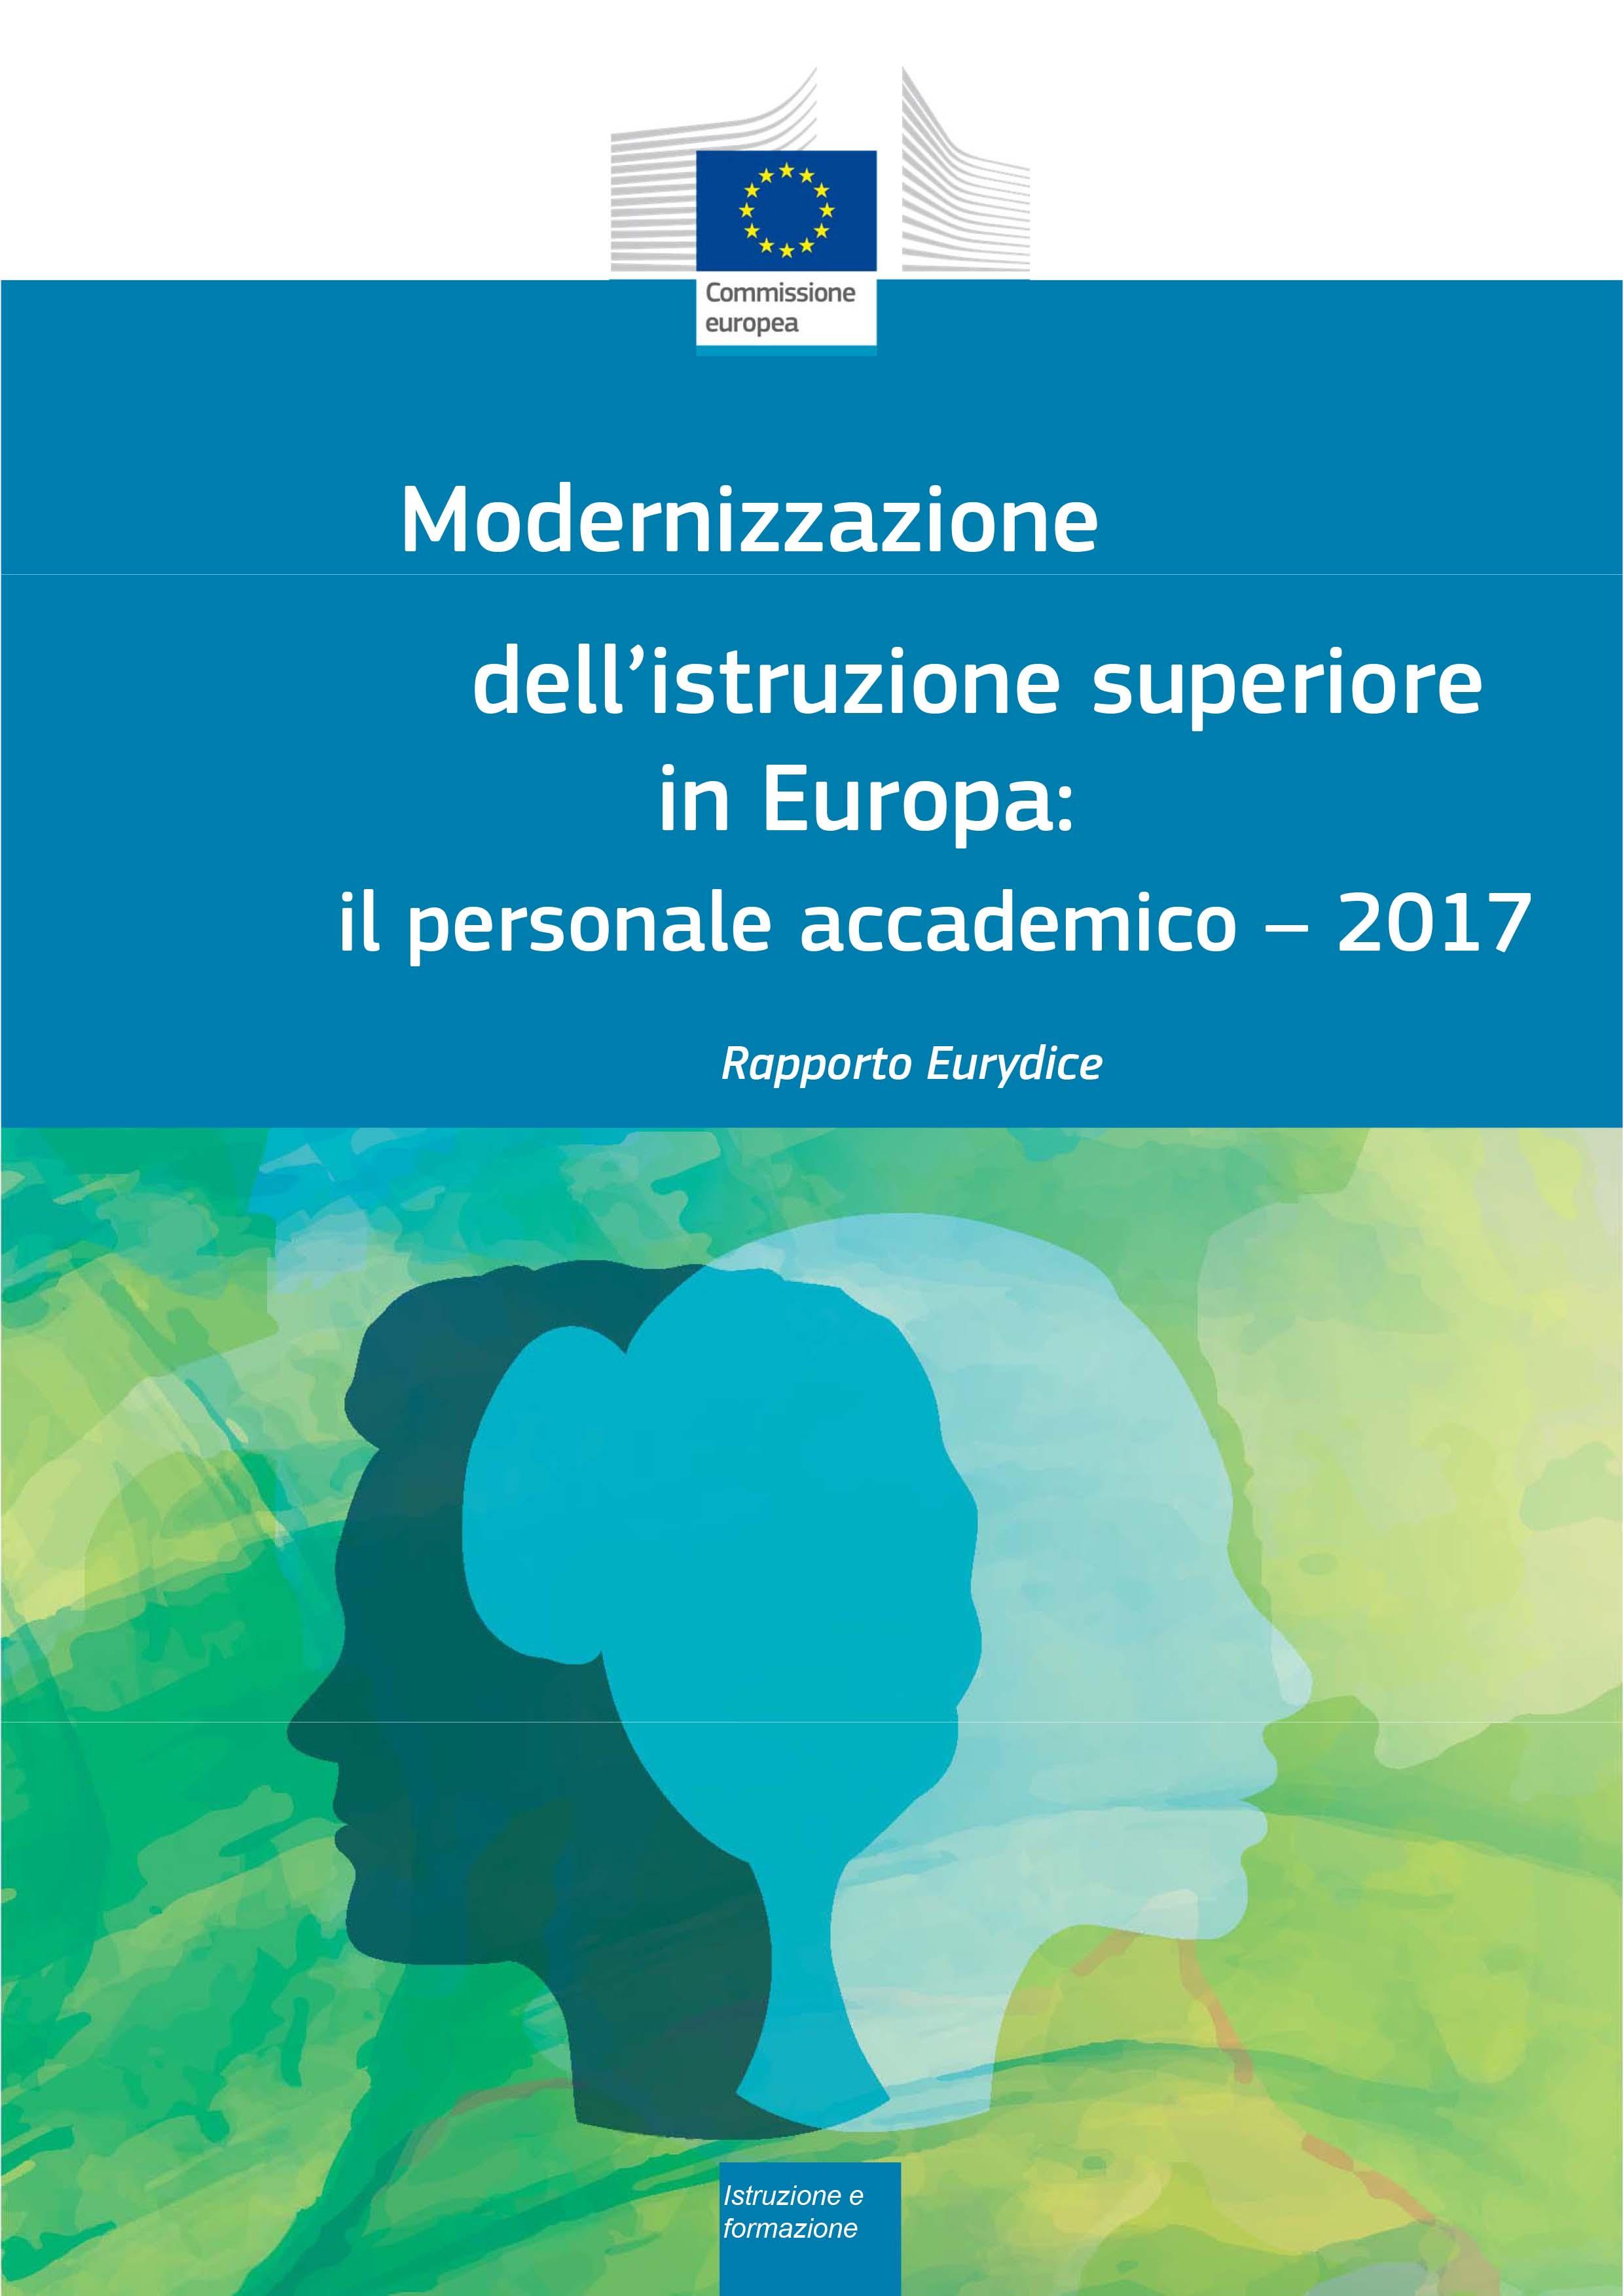 Modernizzazione dell'istruzione superiore in Europa: il person